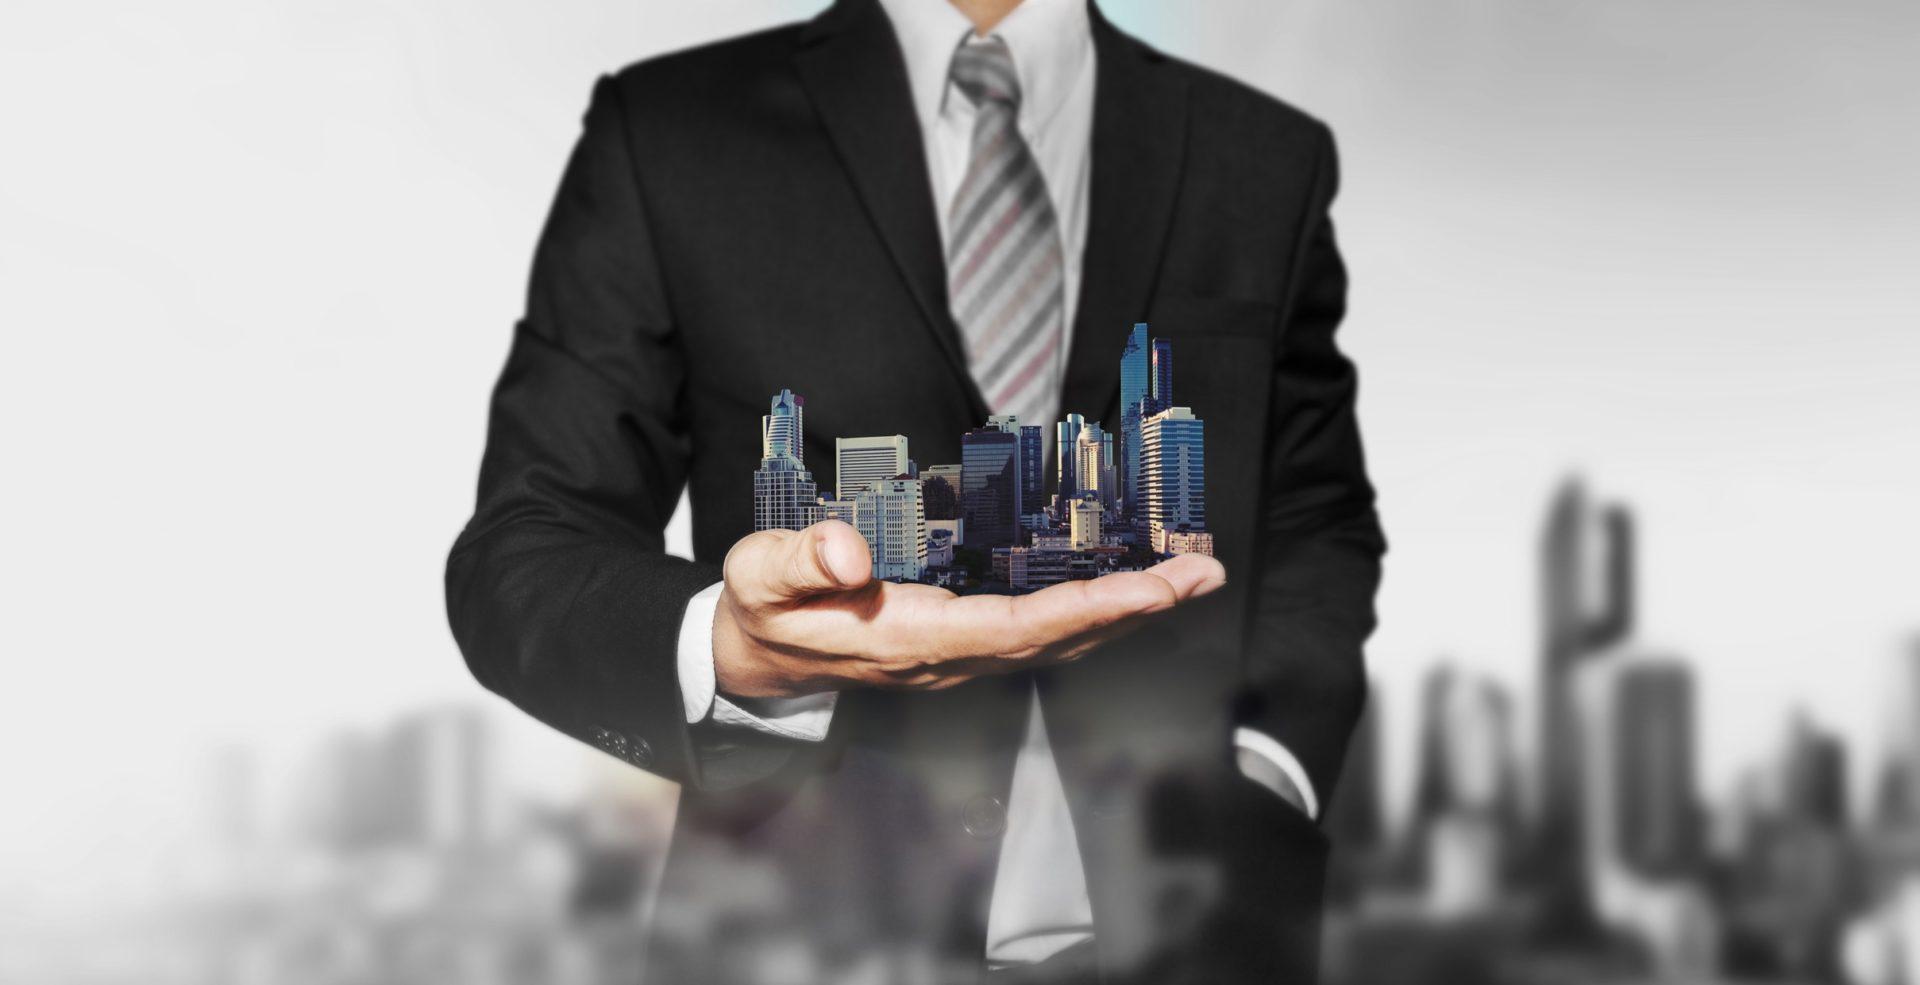 Ce dont les agents immobiliers ont besoin dans un monde post-pandémique